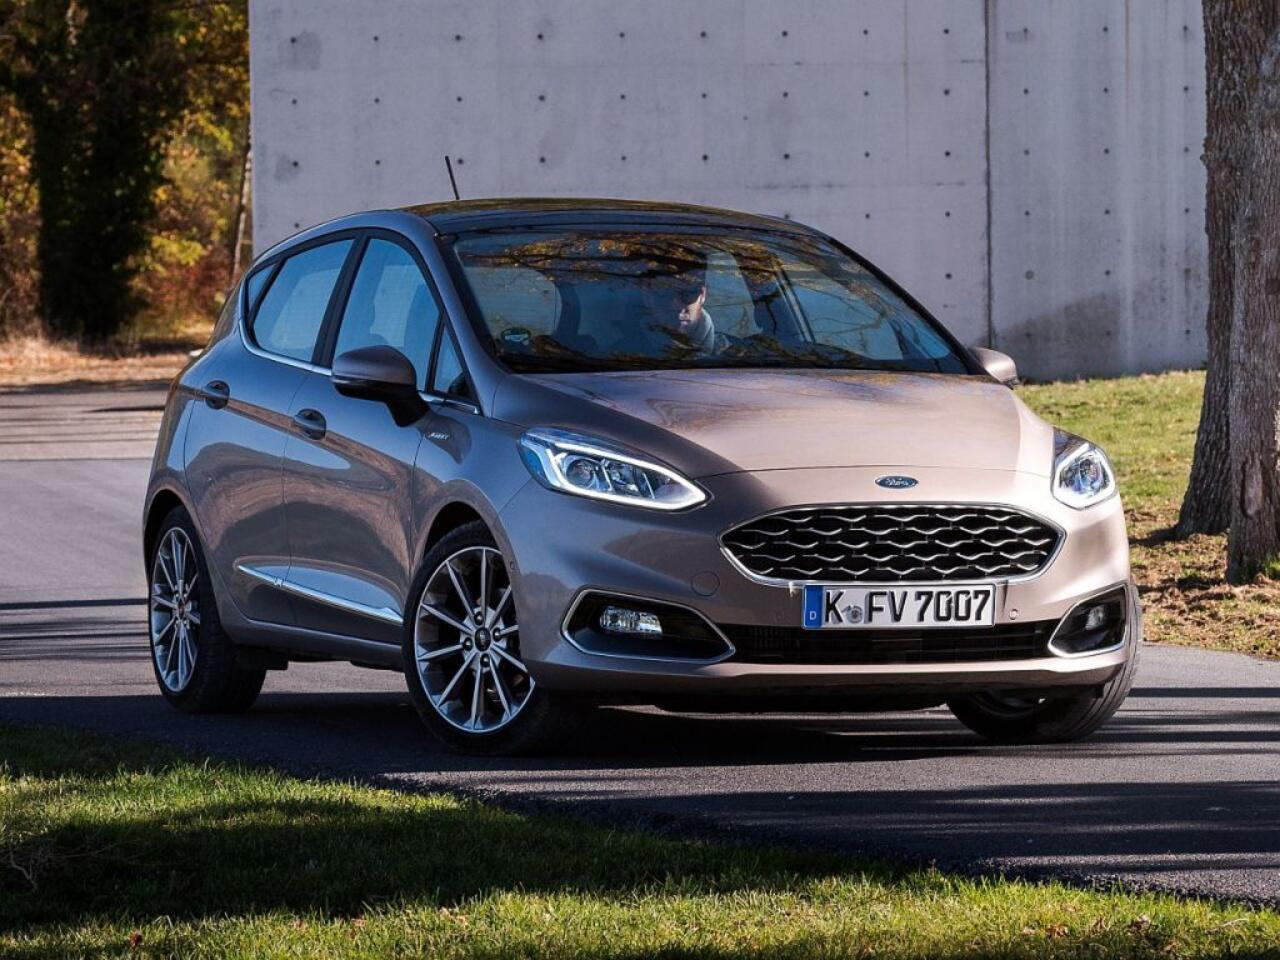 Bild zu Platz 12: Ford Fiesta